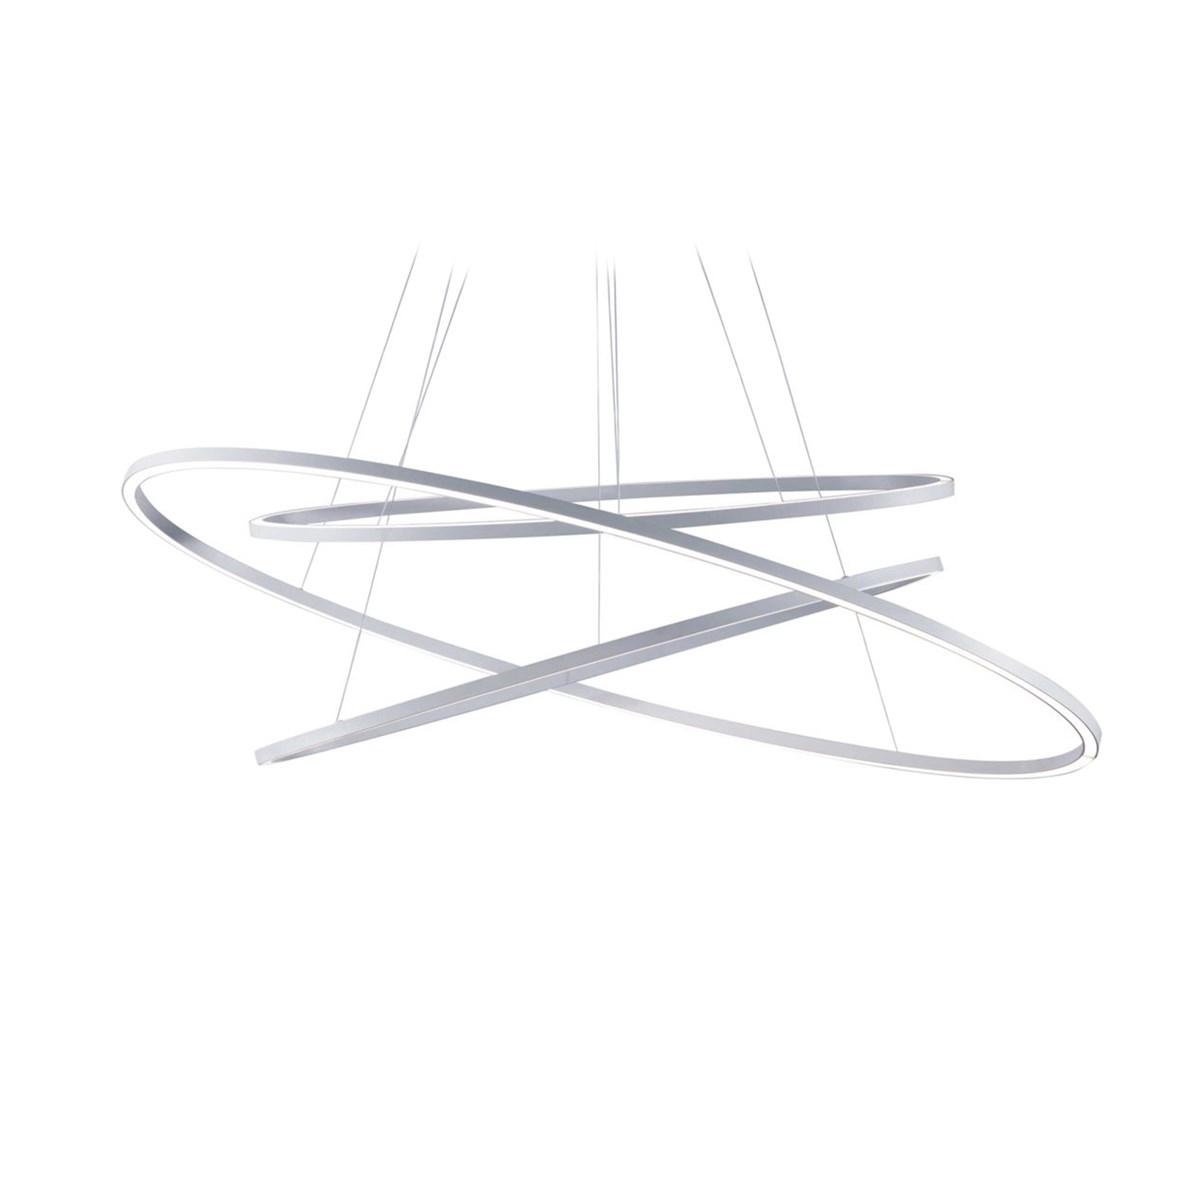 Nemo-Federico-Palazzari-Ellisse-Triple-Pendant-Lamp-Matisse-1